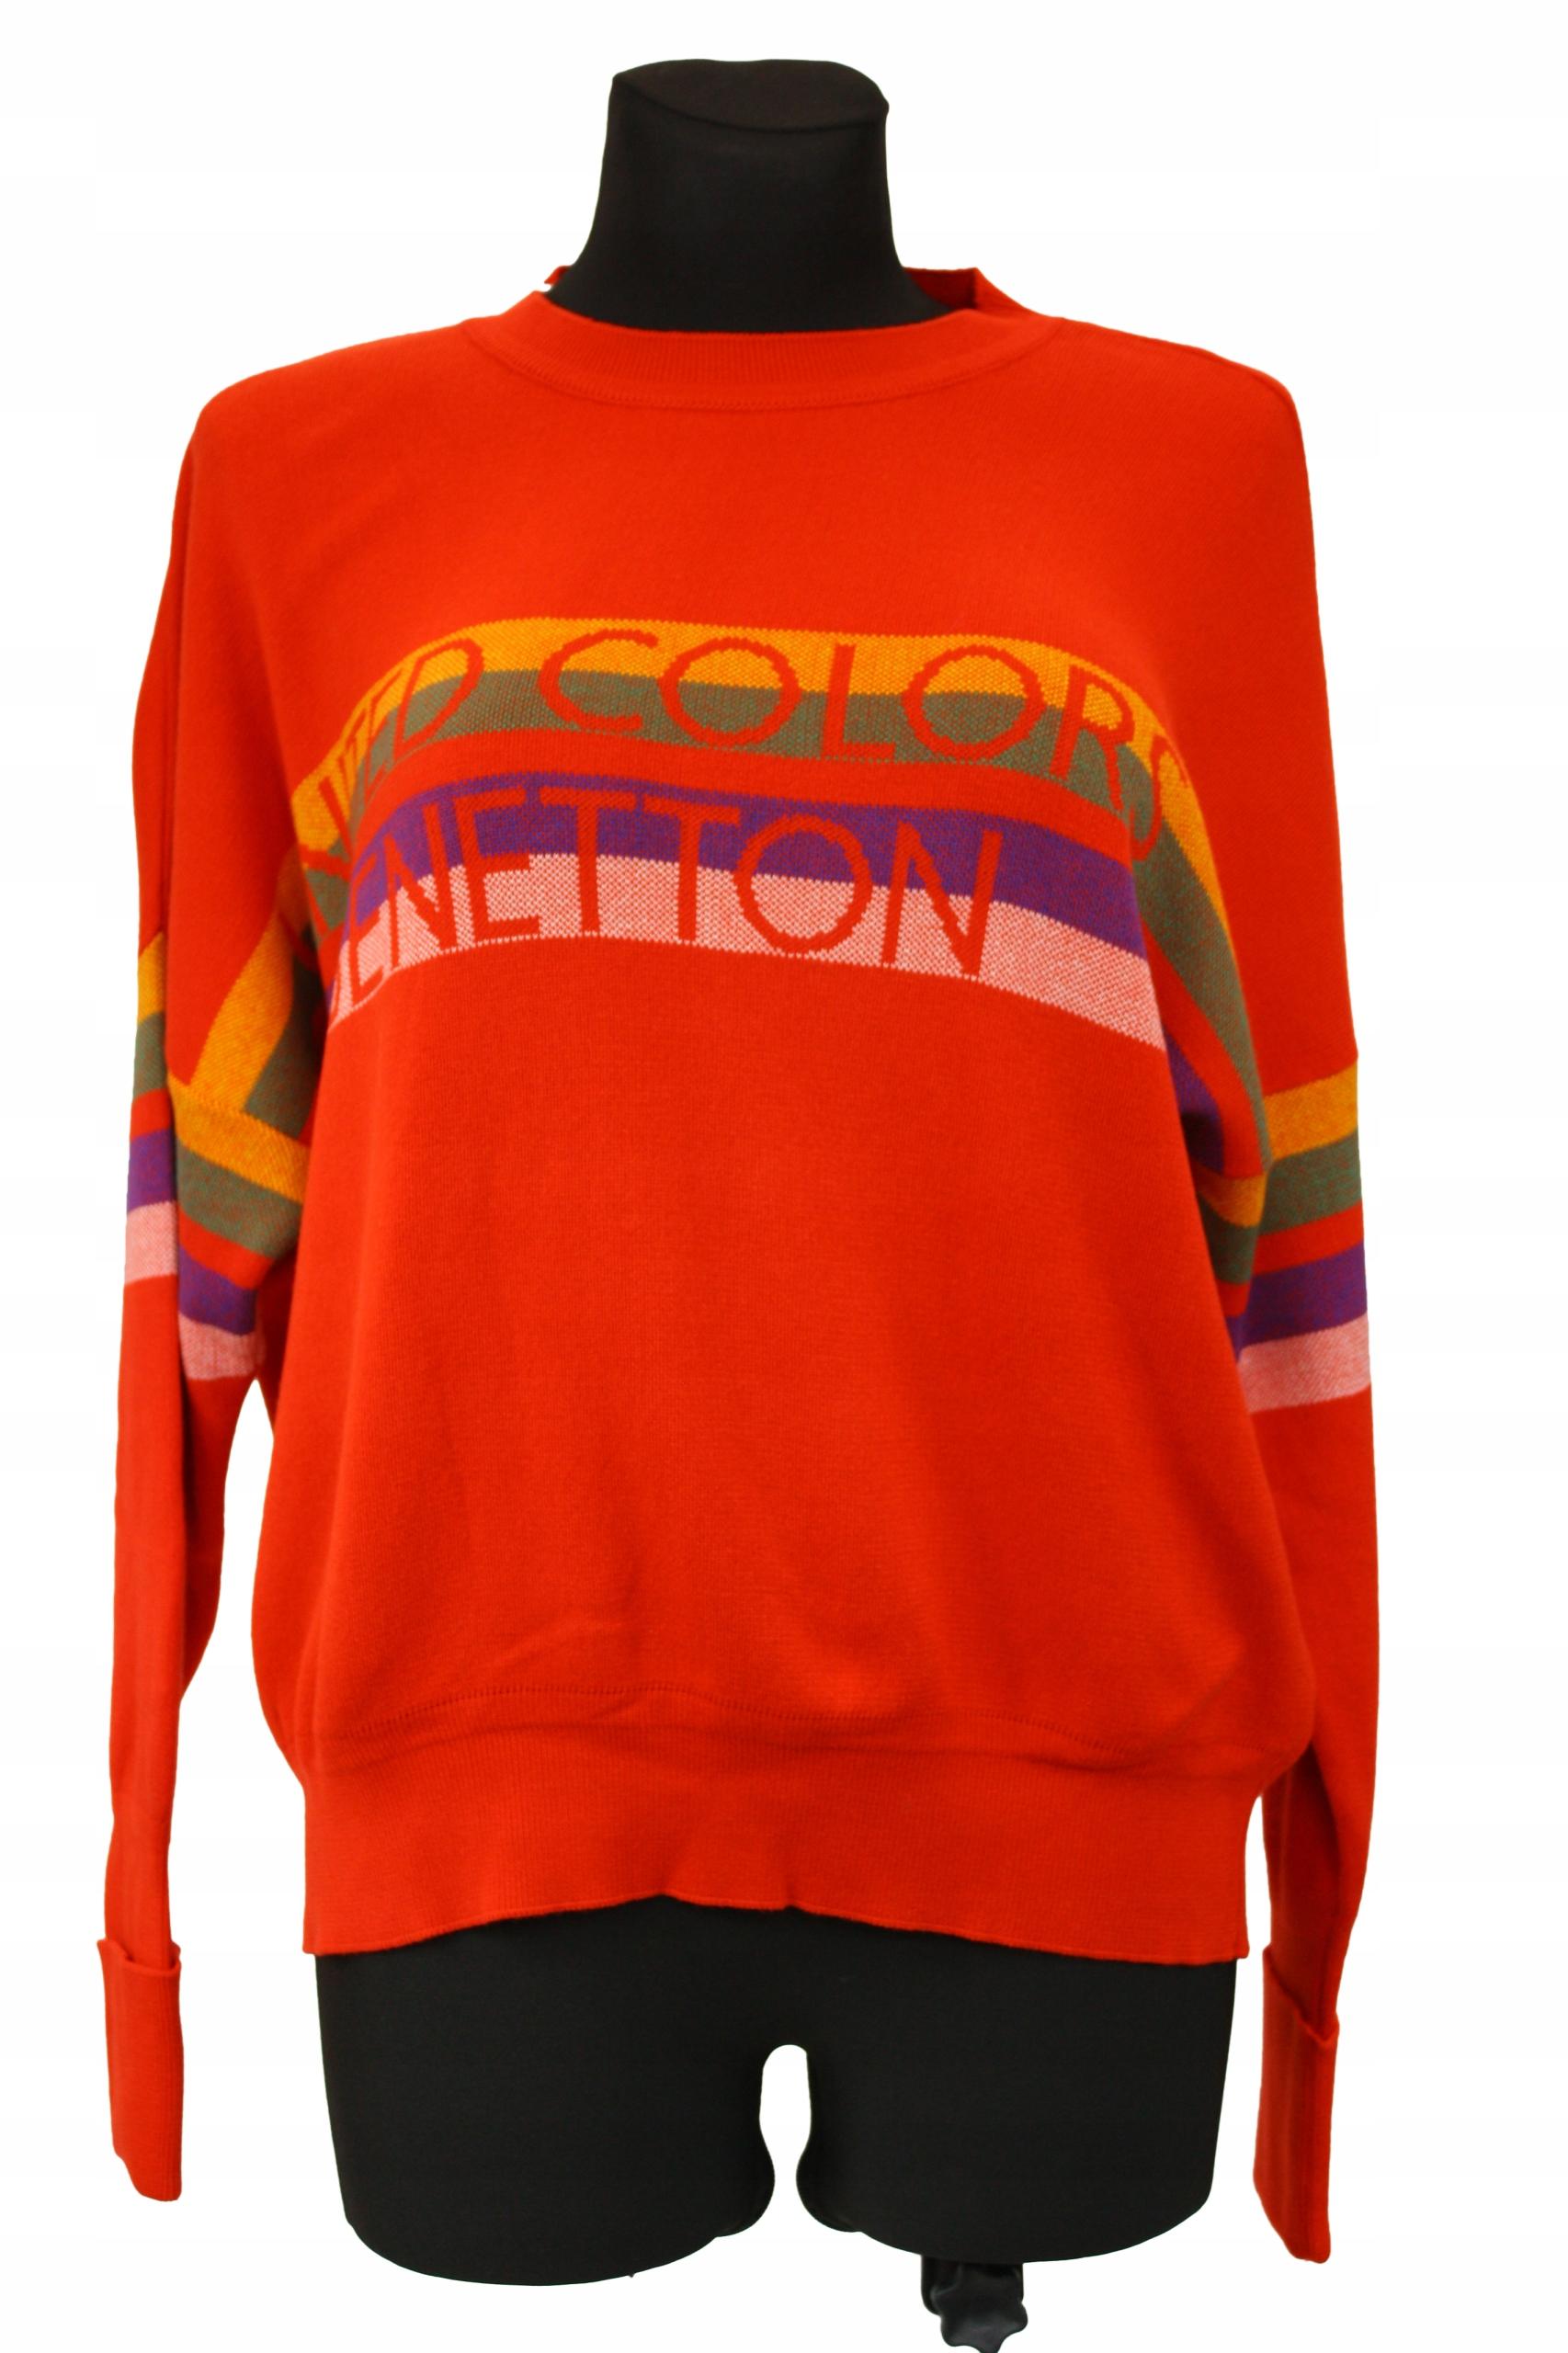 Dámsky retro sveter BENETTON nadrozmerná bavlna S